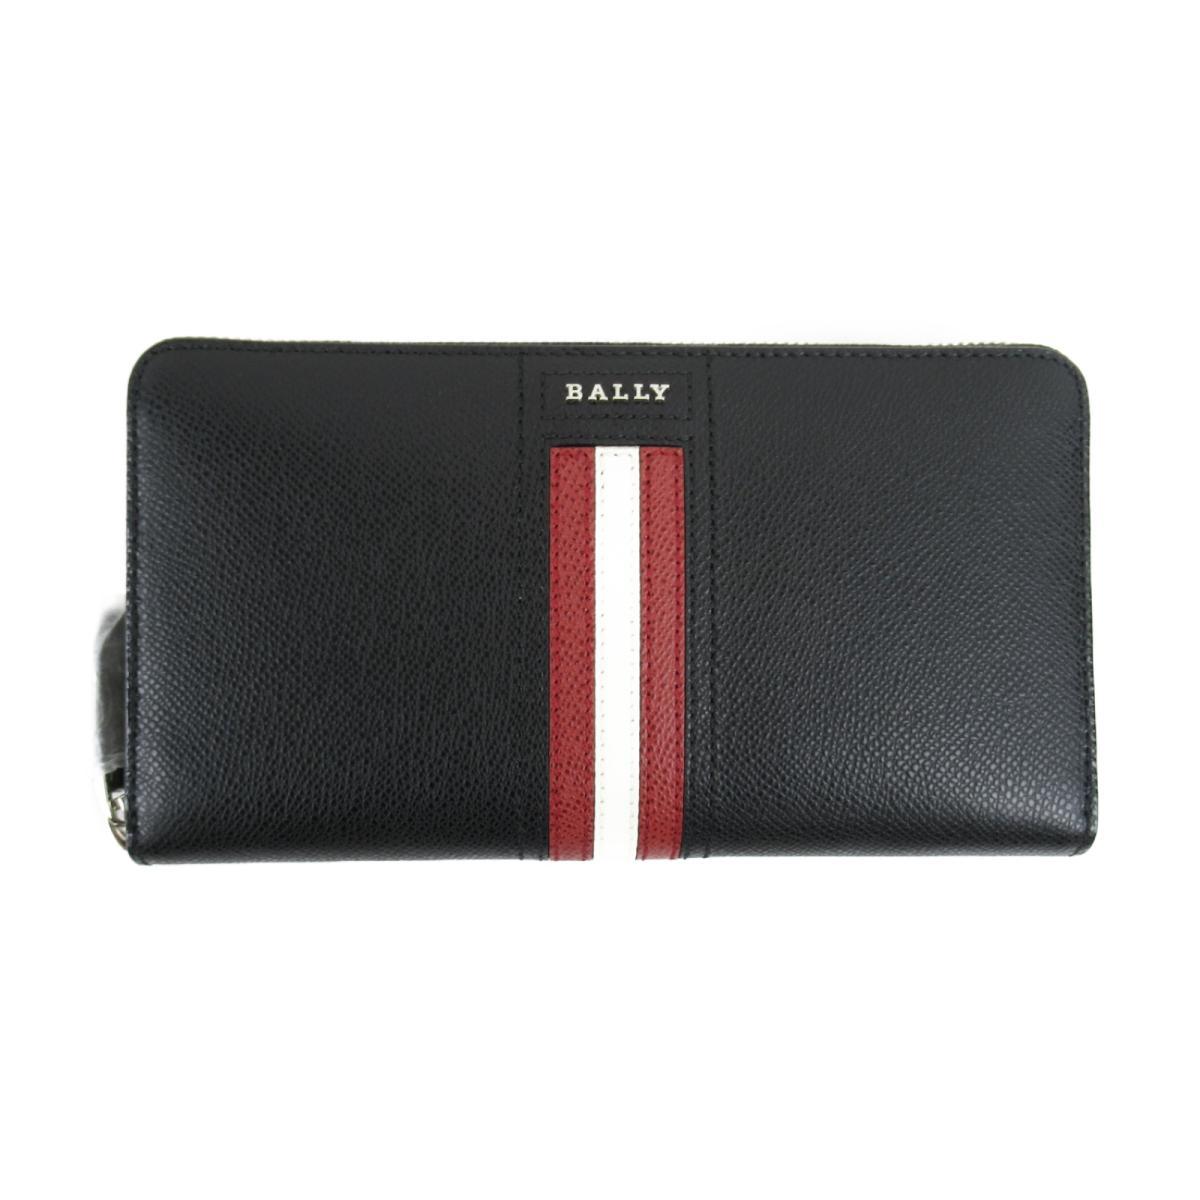 バリー ストライプ ラウンド長財布 財布 メンズ レザー ブラック (6218049) | BALLY BRANDOFF ブランドオフ レディース ブランド ブランド財布 レディース財布 サイフ